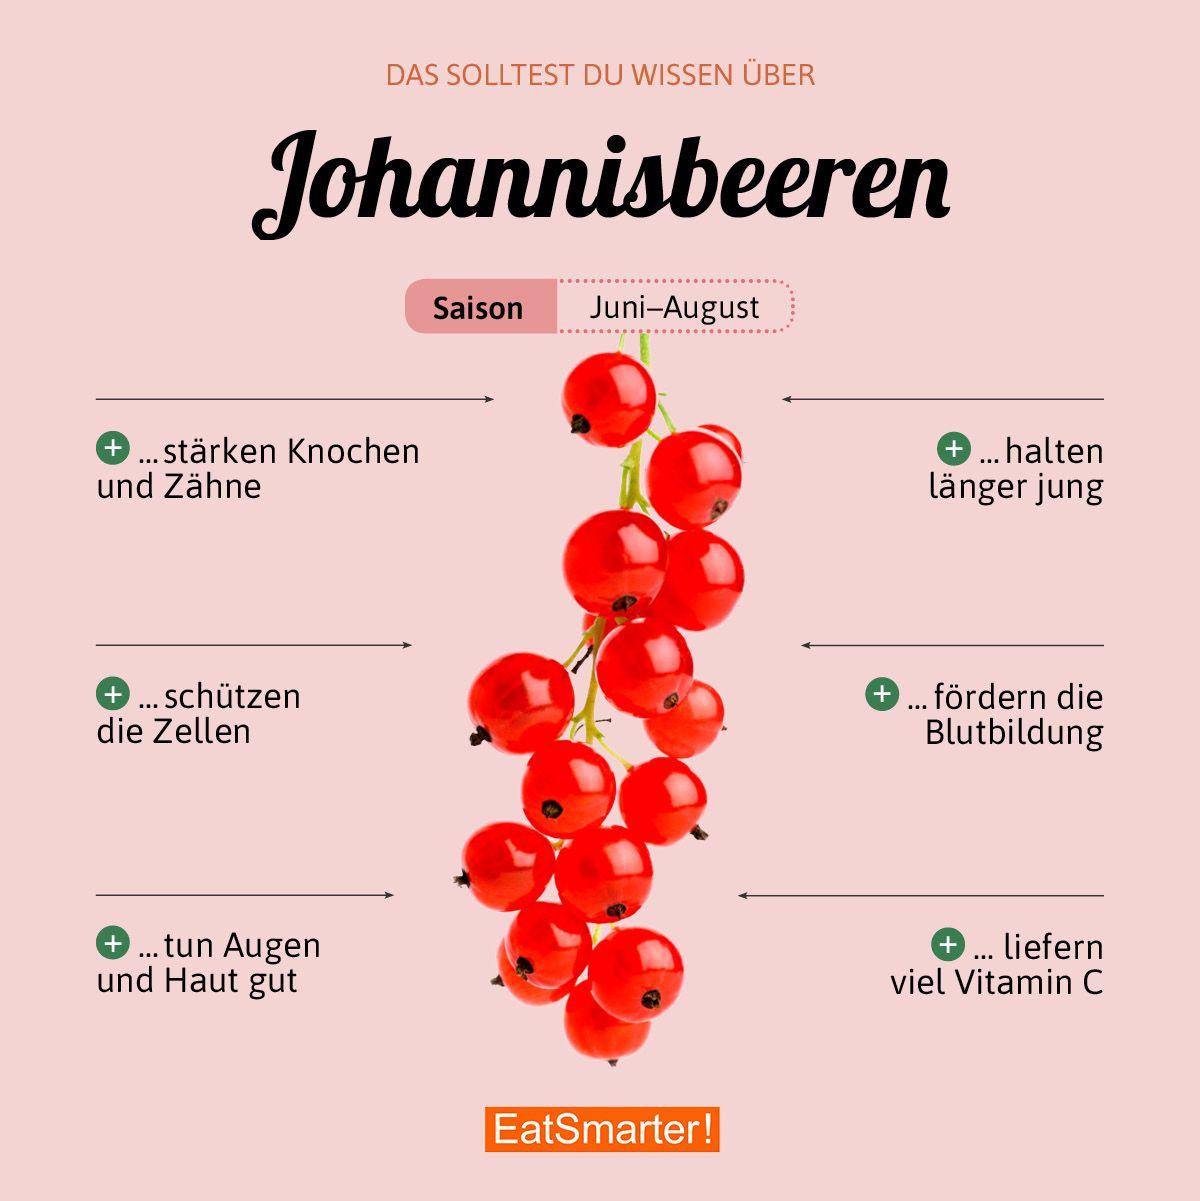 Das solltest du über Johannisbeeren wissen | eatsmarter.de #johannisbeeren #beeren #infografik #ernährung #vitamins